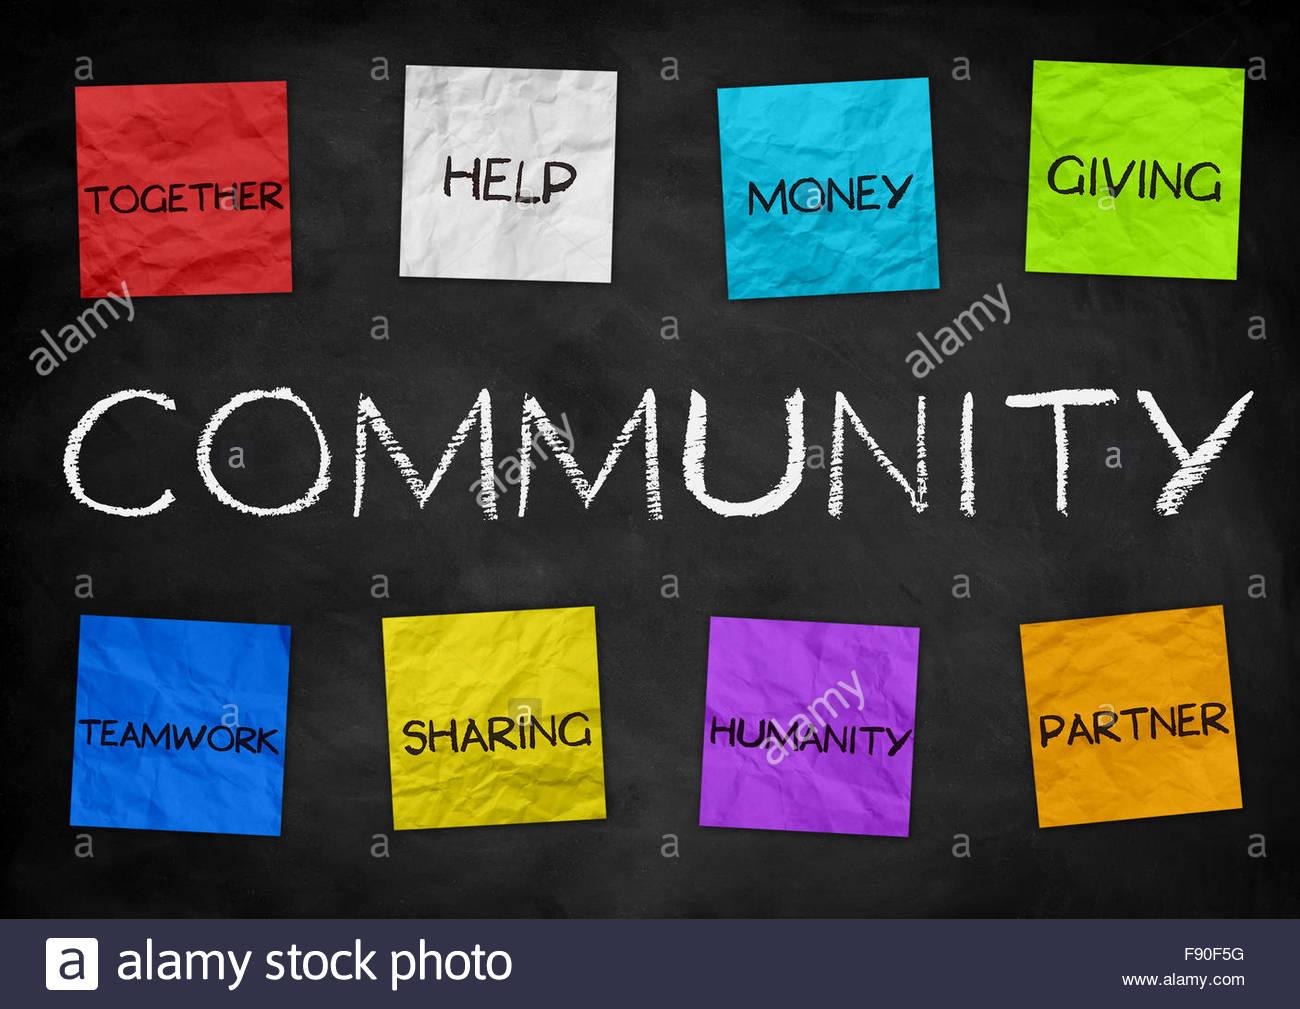 Community - illustration background - Stock Image